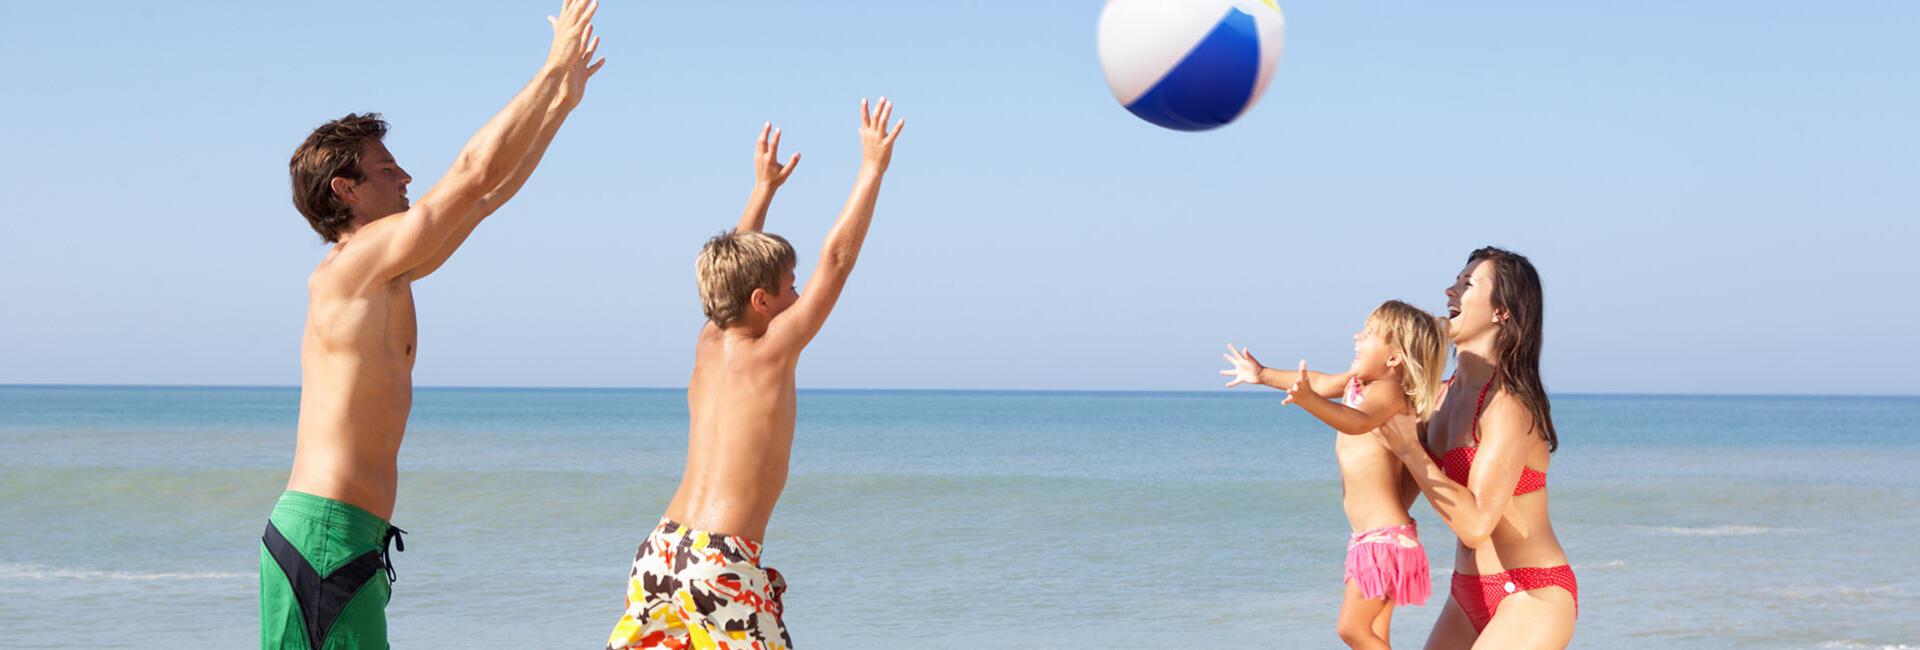 laurahotel it 1-it-311968-non-perderti-il-bonus-vacanza 001